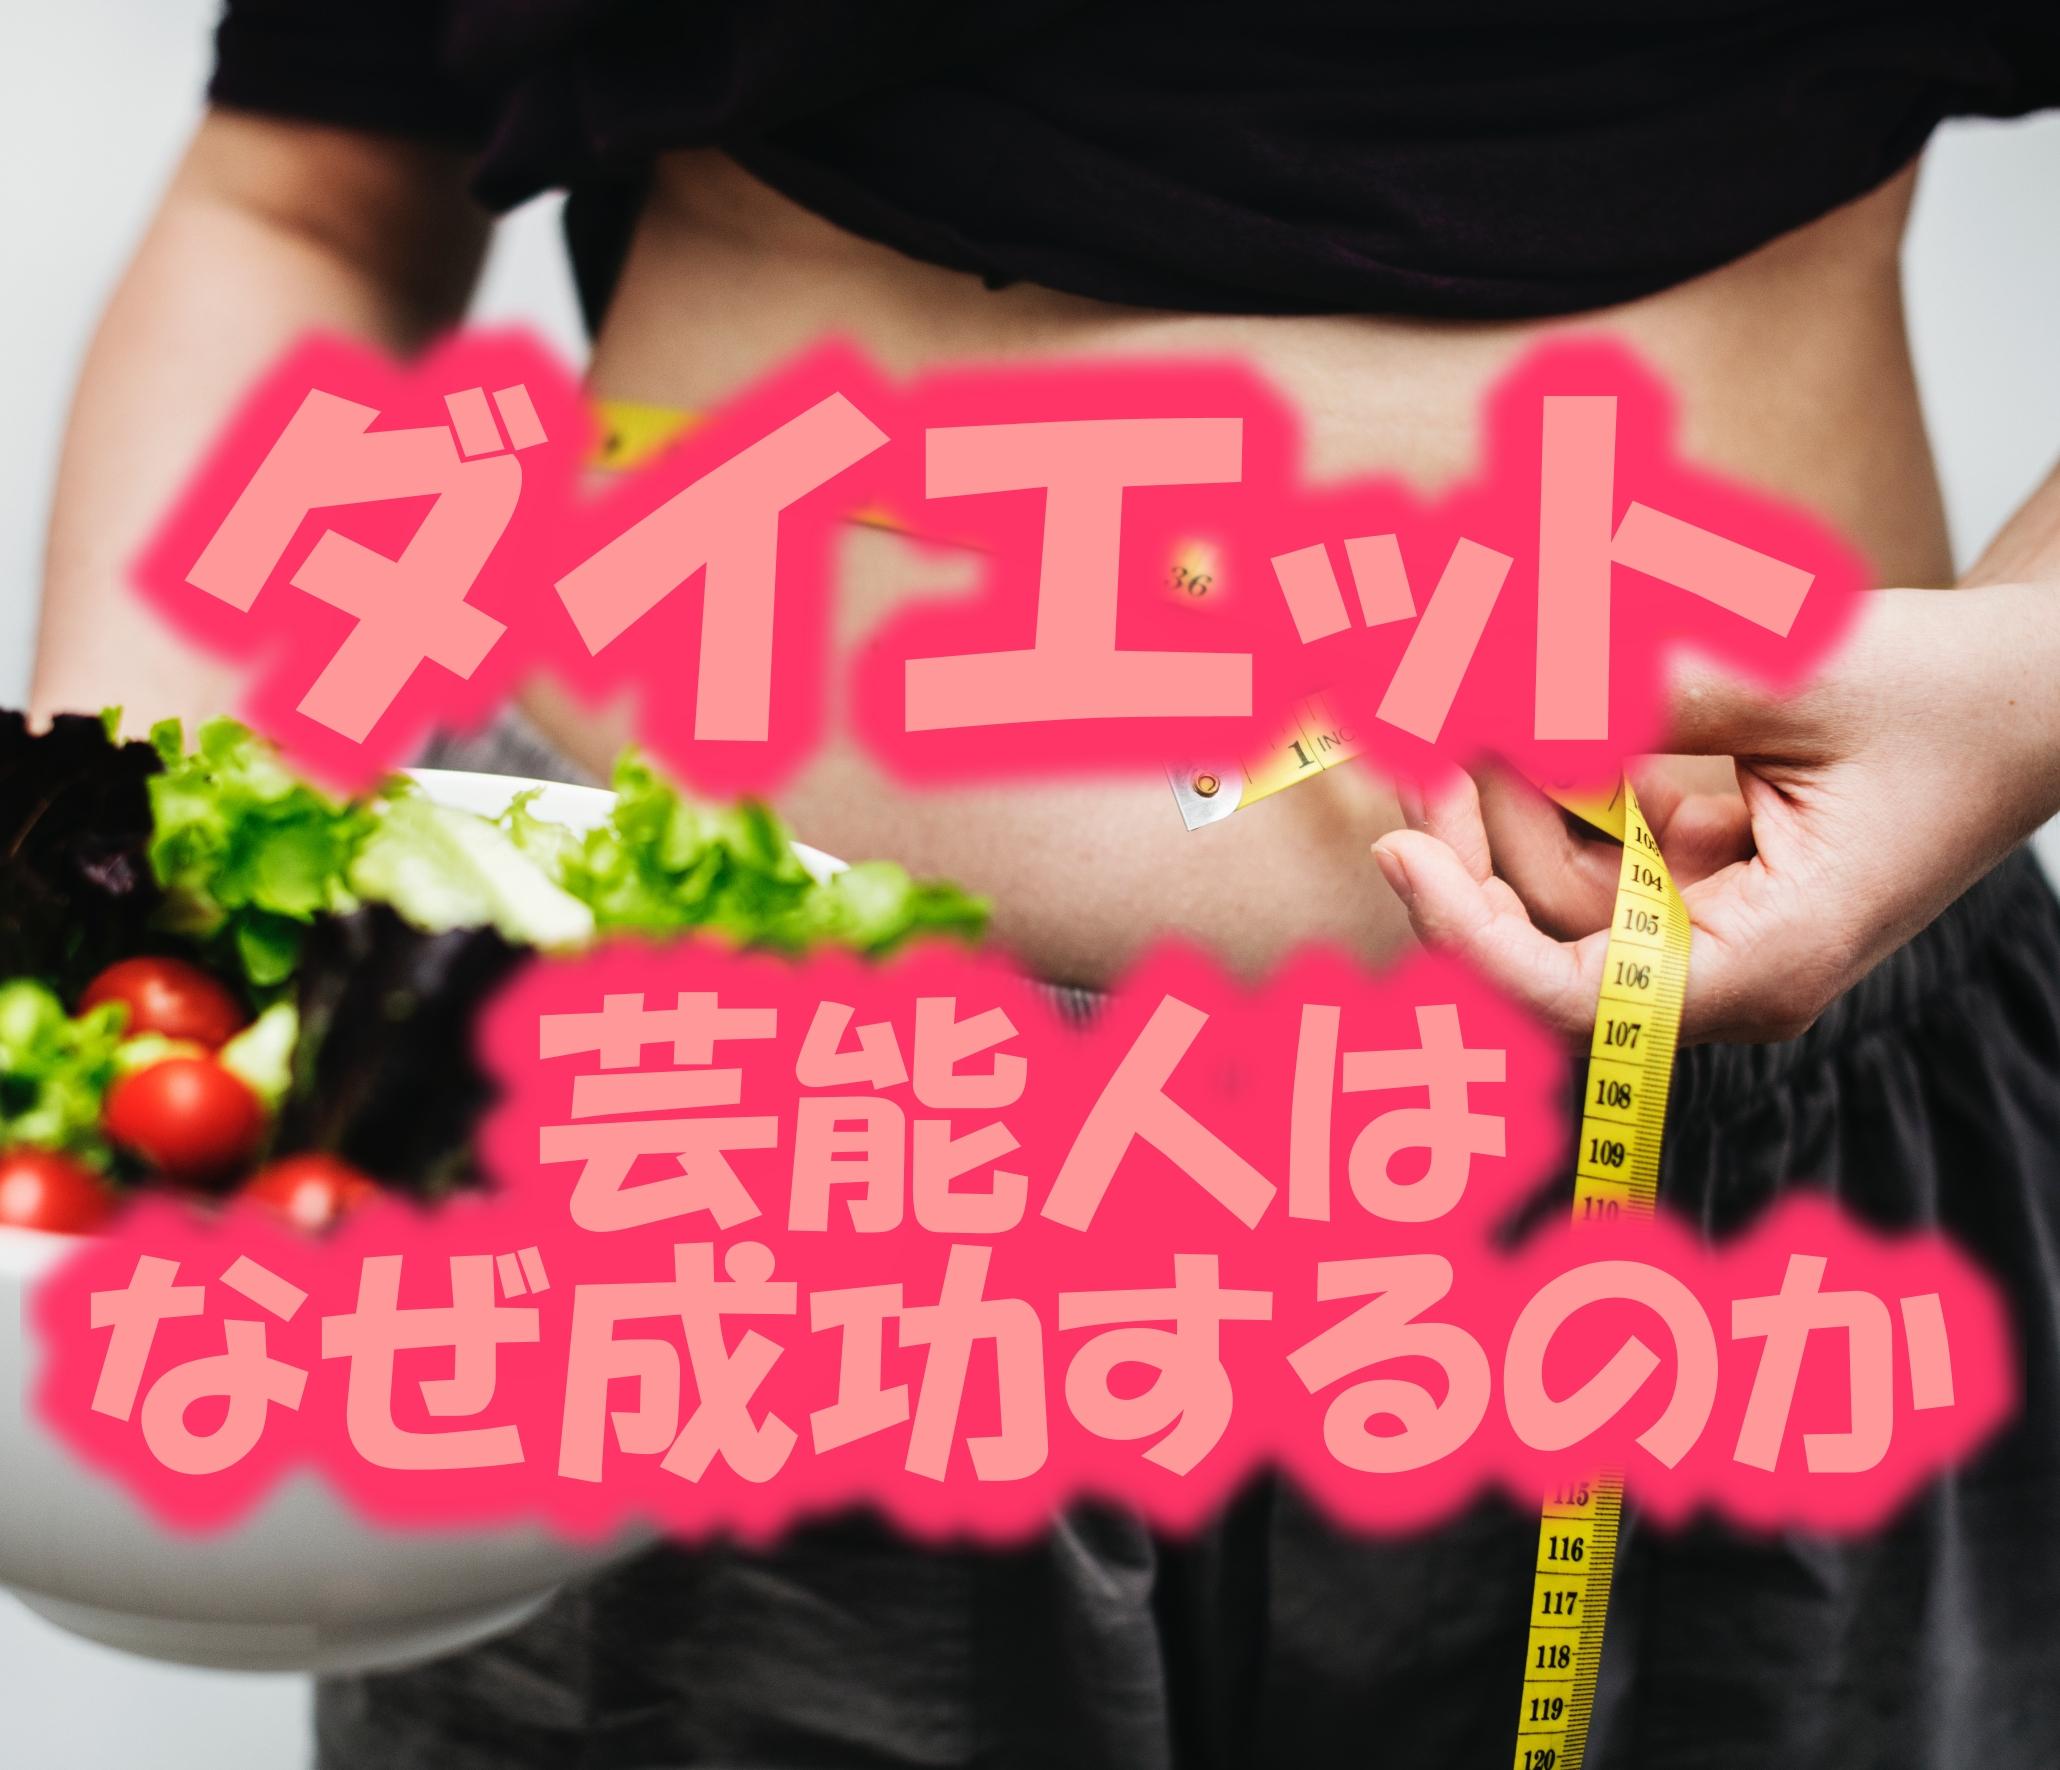 ダイエット 芸能人はなぜ成功するのか